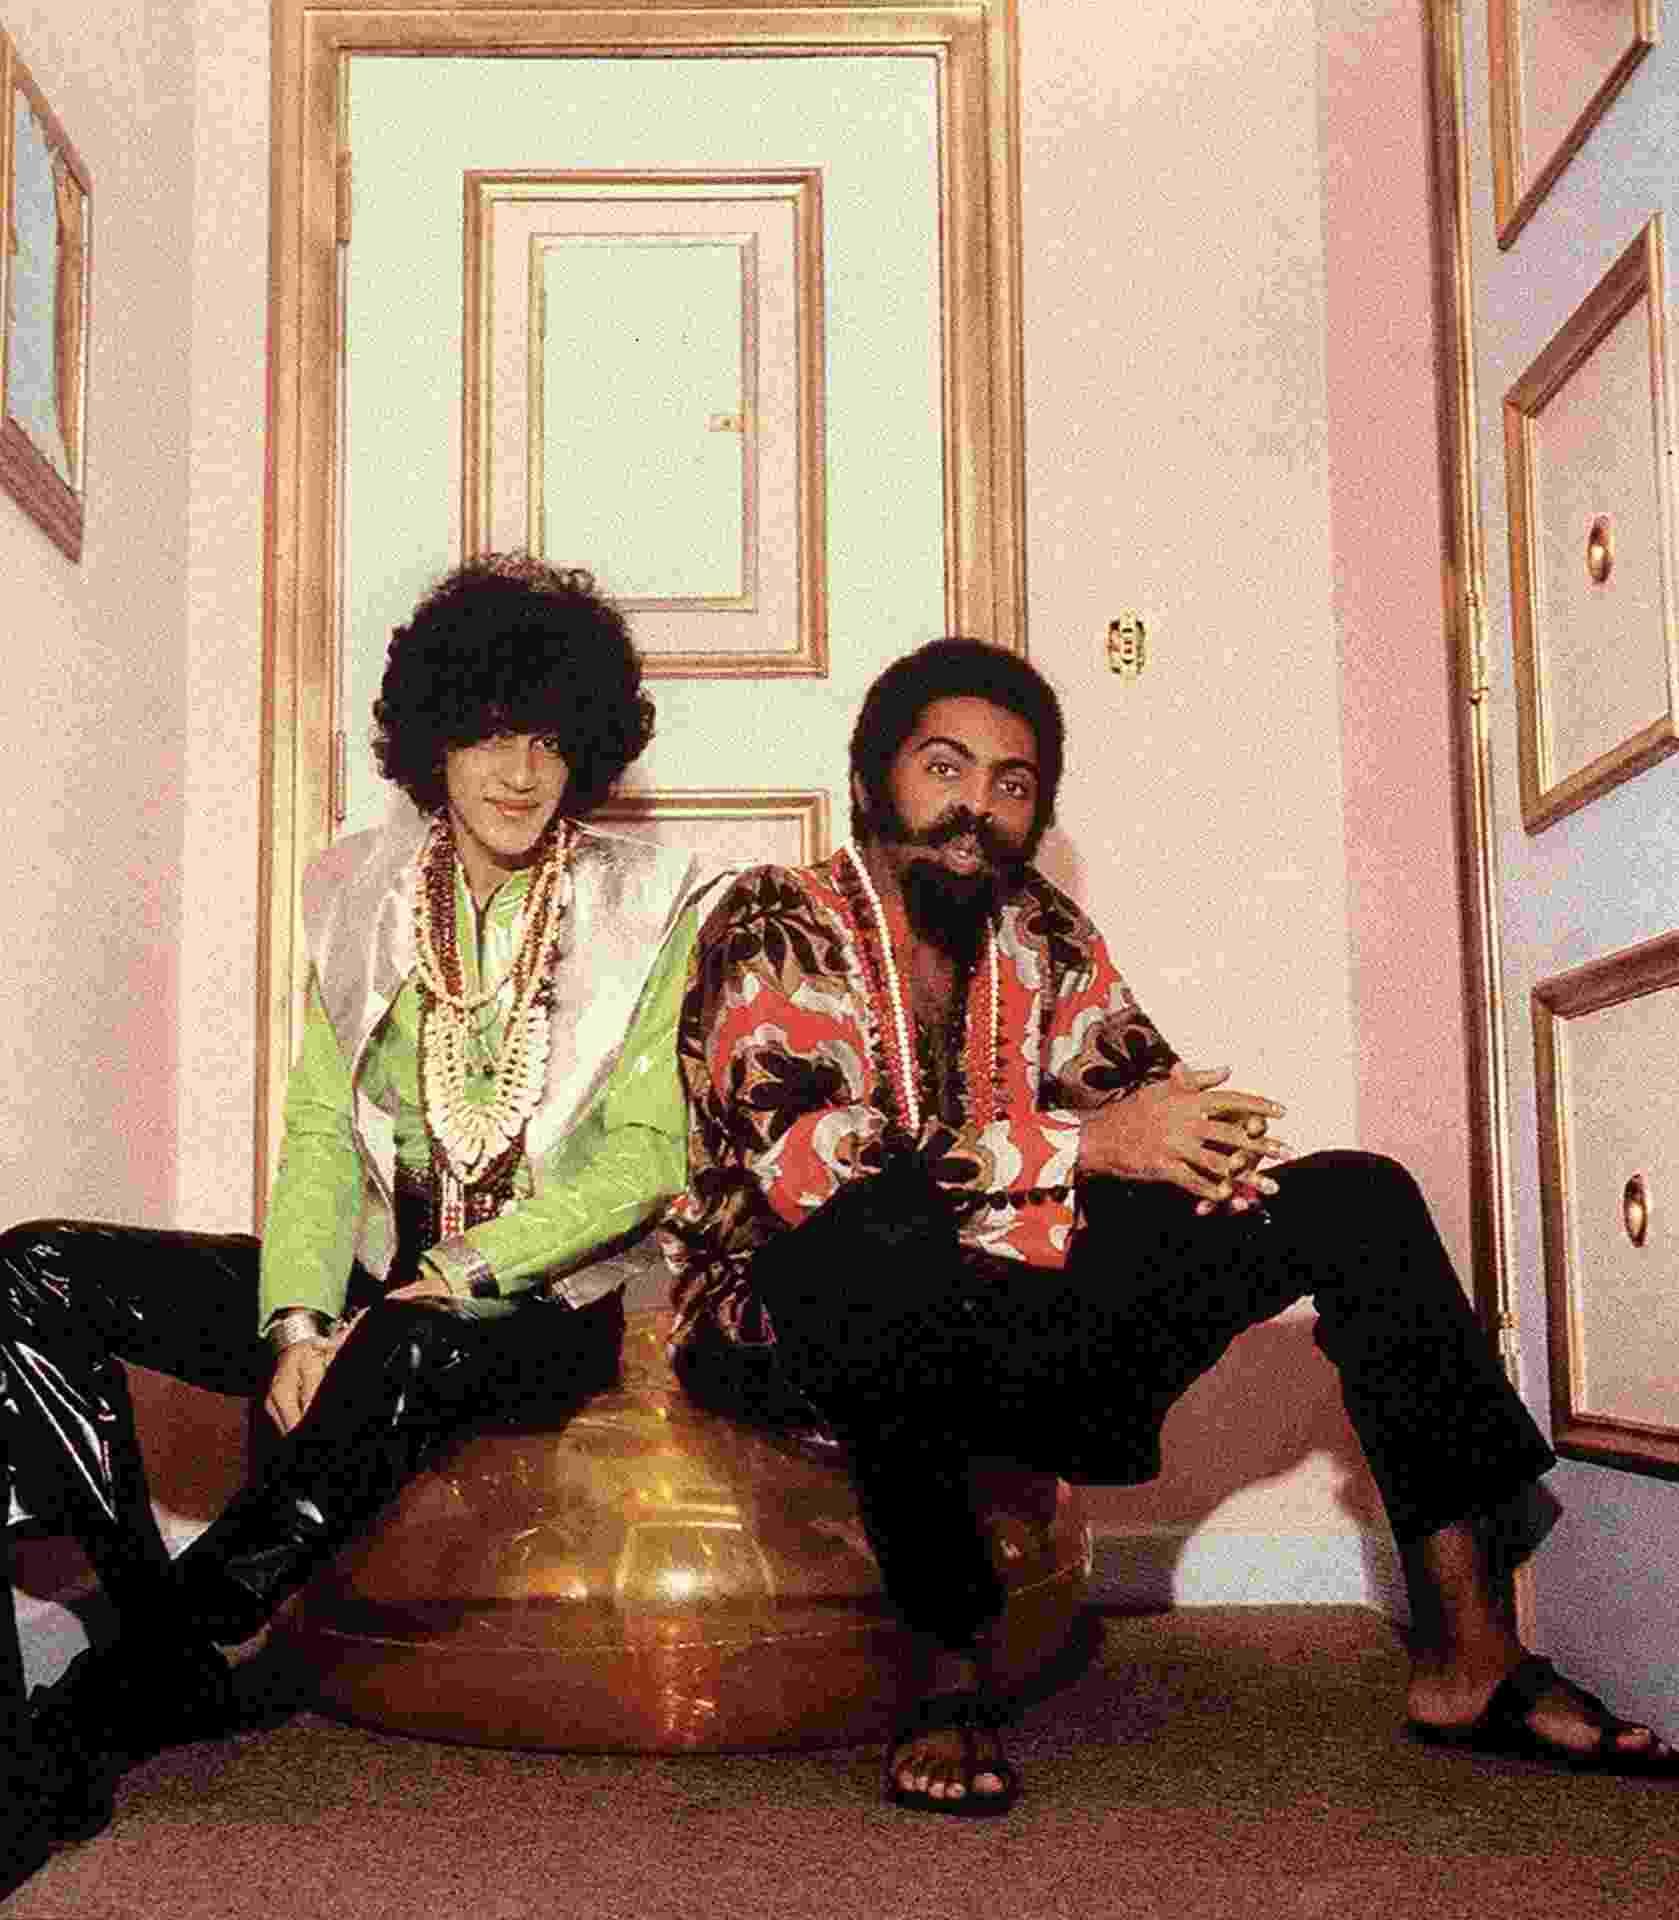 Caetano Veloso e amigo Gilberto Gil foram os idealizadores do movimento que ficou conhecido como a Tropicália - Reprodução/Site pessoal